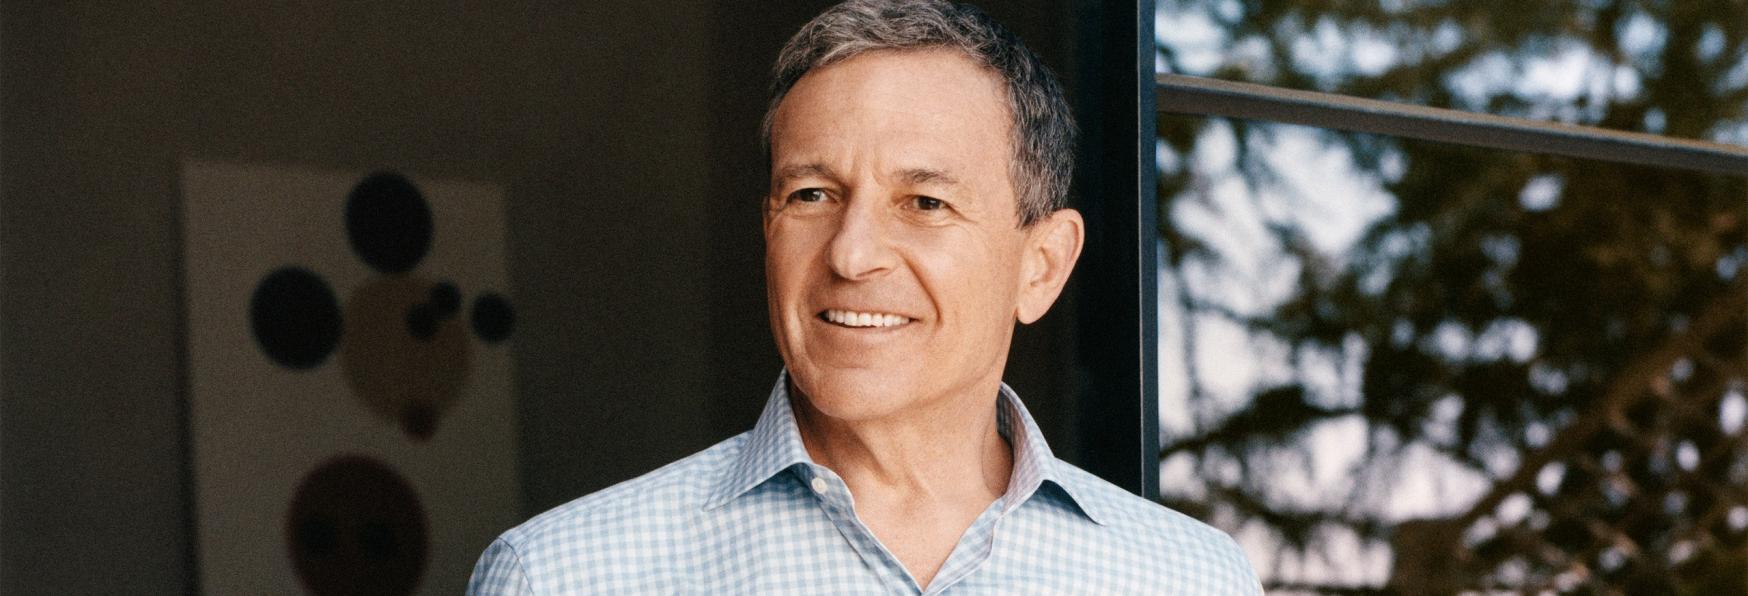 Disney+: Bob Iger annuncia nuove Serie TV su Star Wars, in arrivo sulla Piattaforma di Streaming